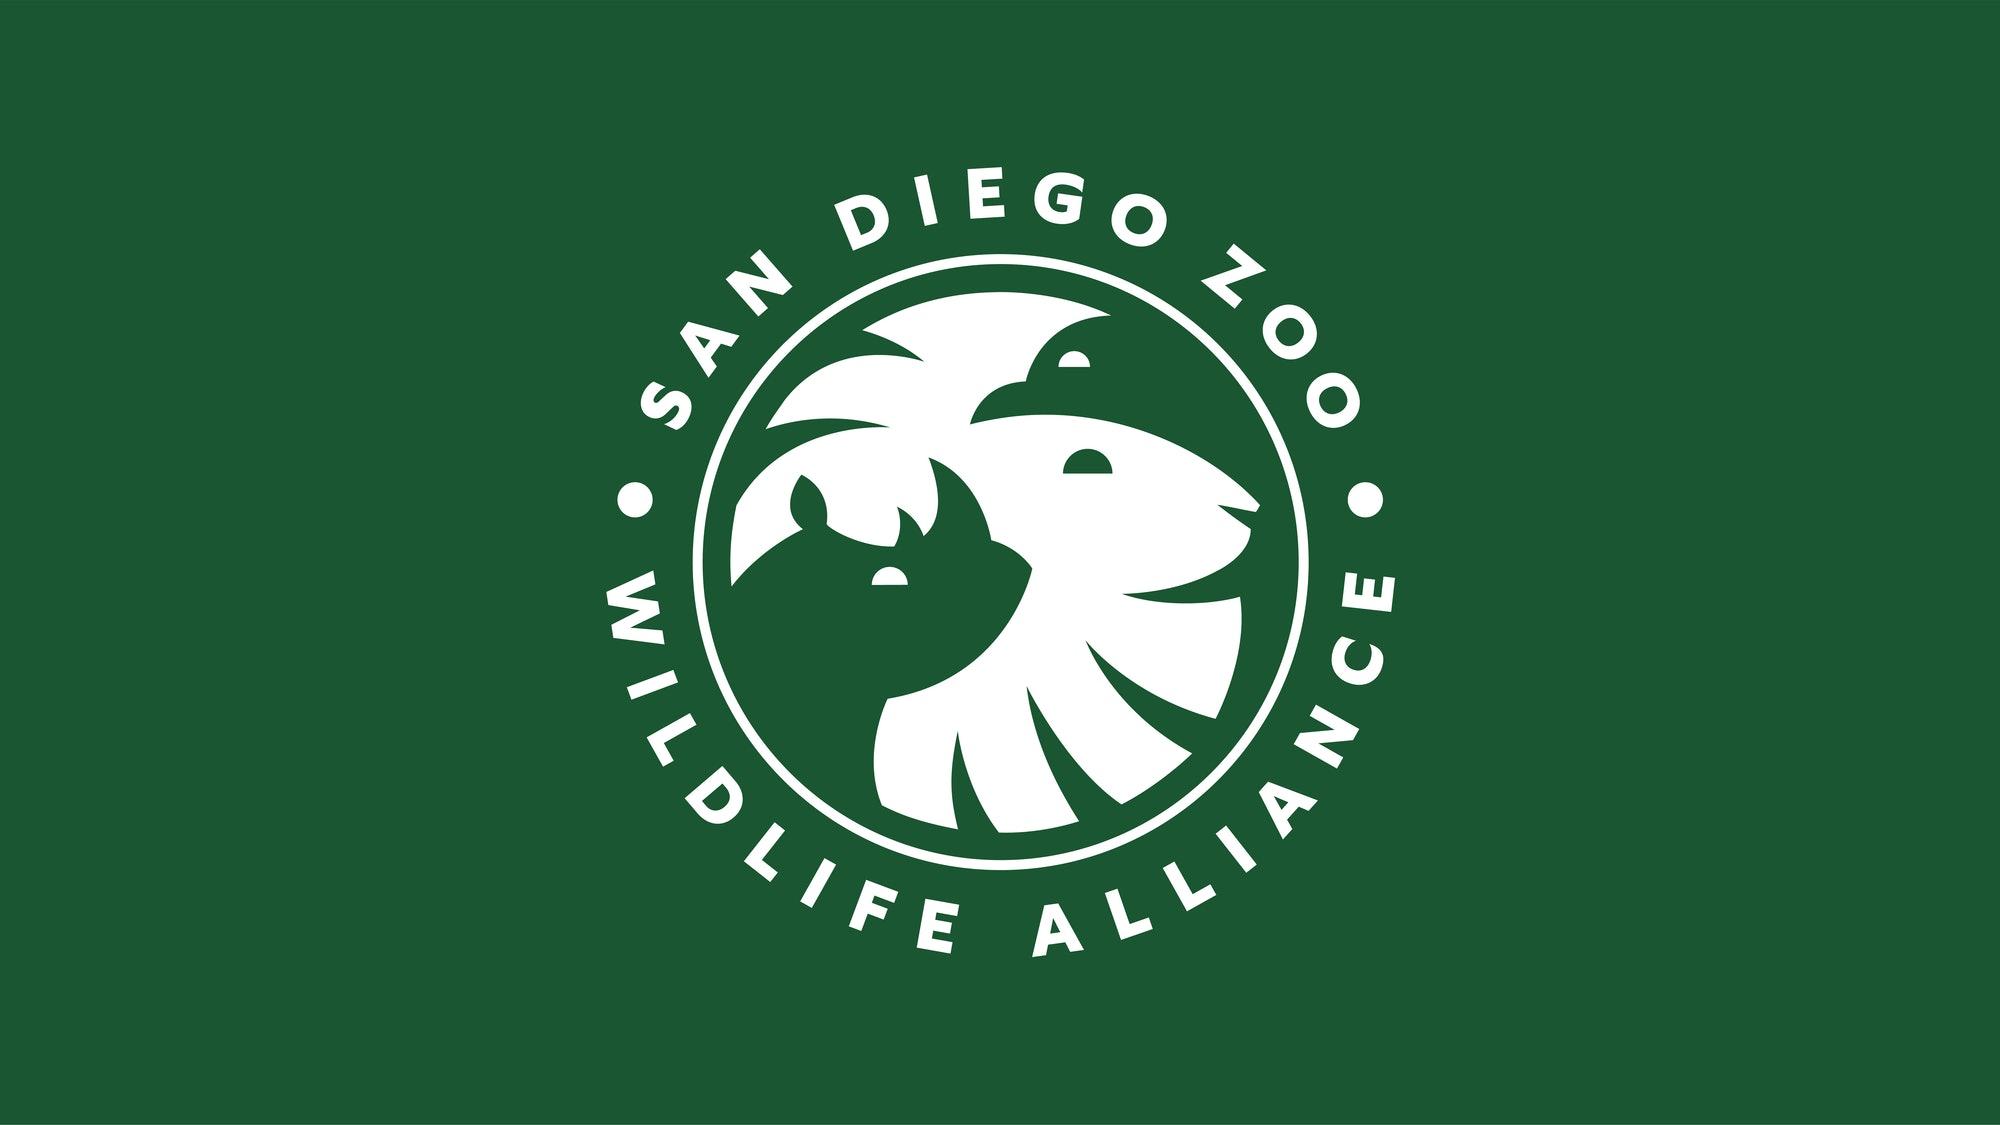 品牌设计最新动态:圣地亚哥动物园品牌形象焕然一新